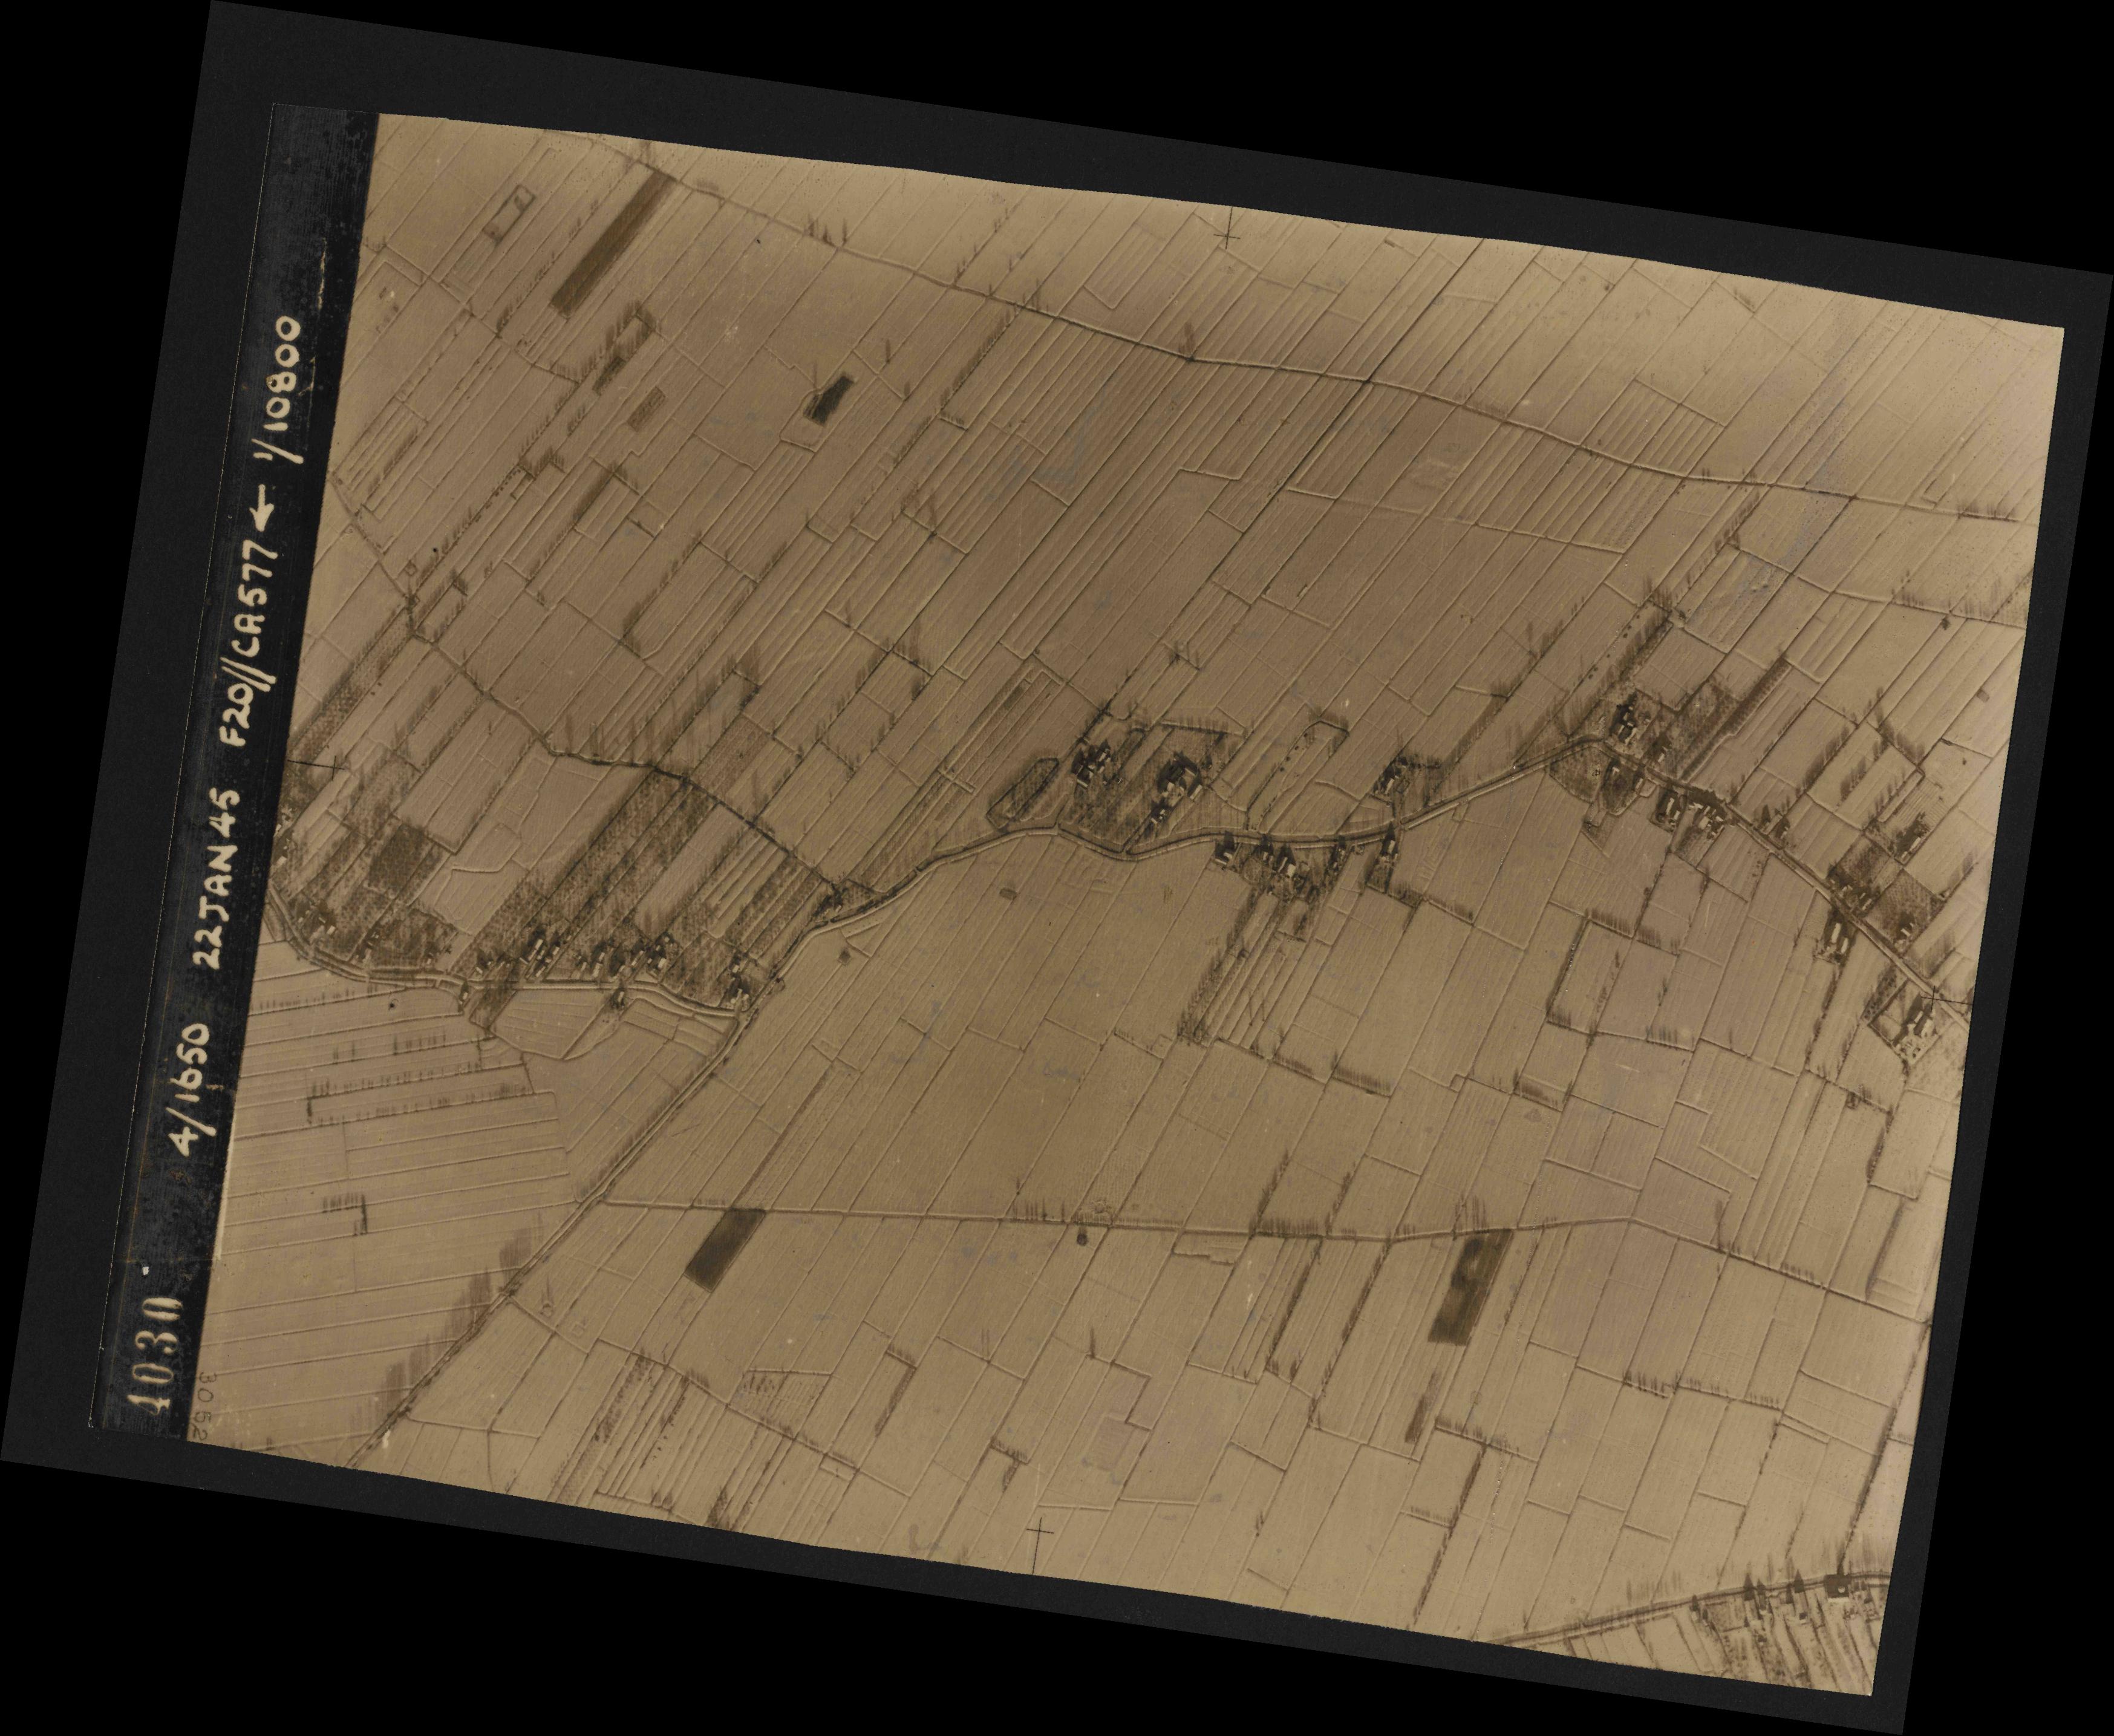 Collection RAF aerial photos 1940-1945 - flight 098, run 07, photo 4030